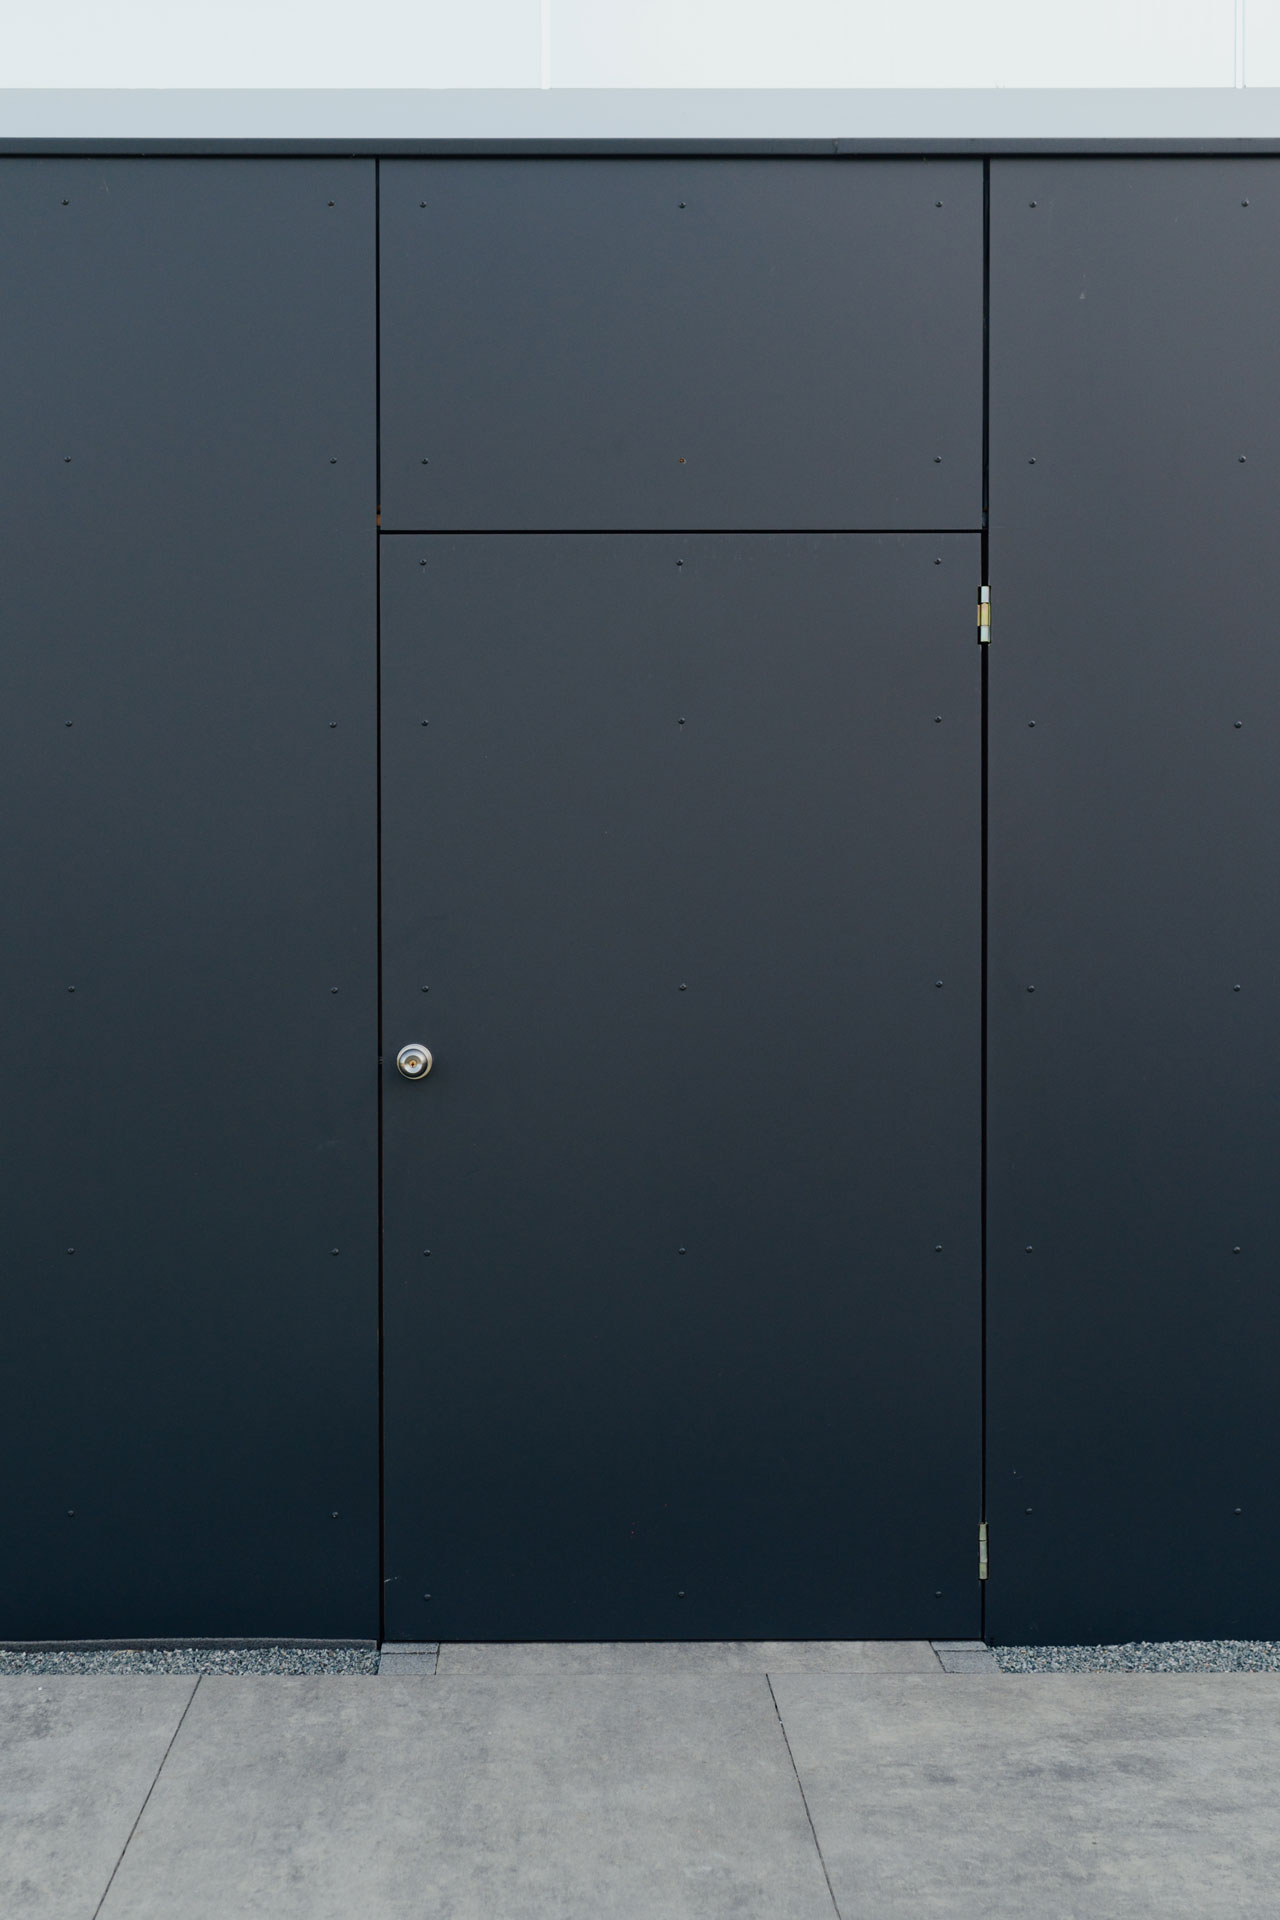 Doppelhaus in Wismar (01) / Detail